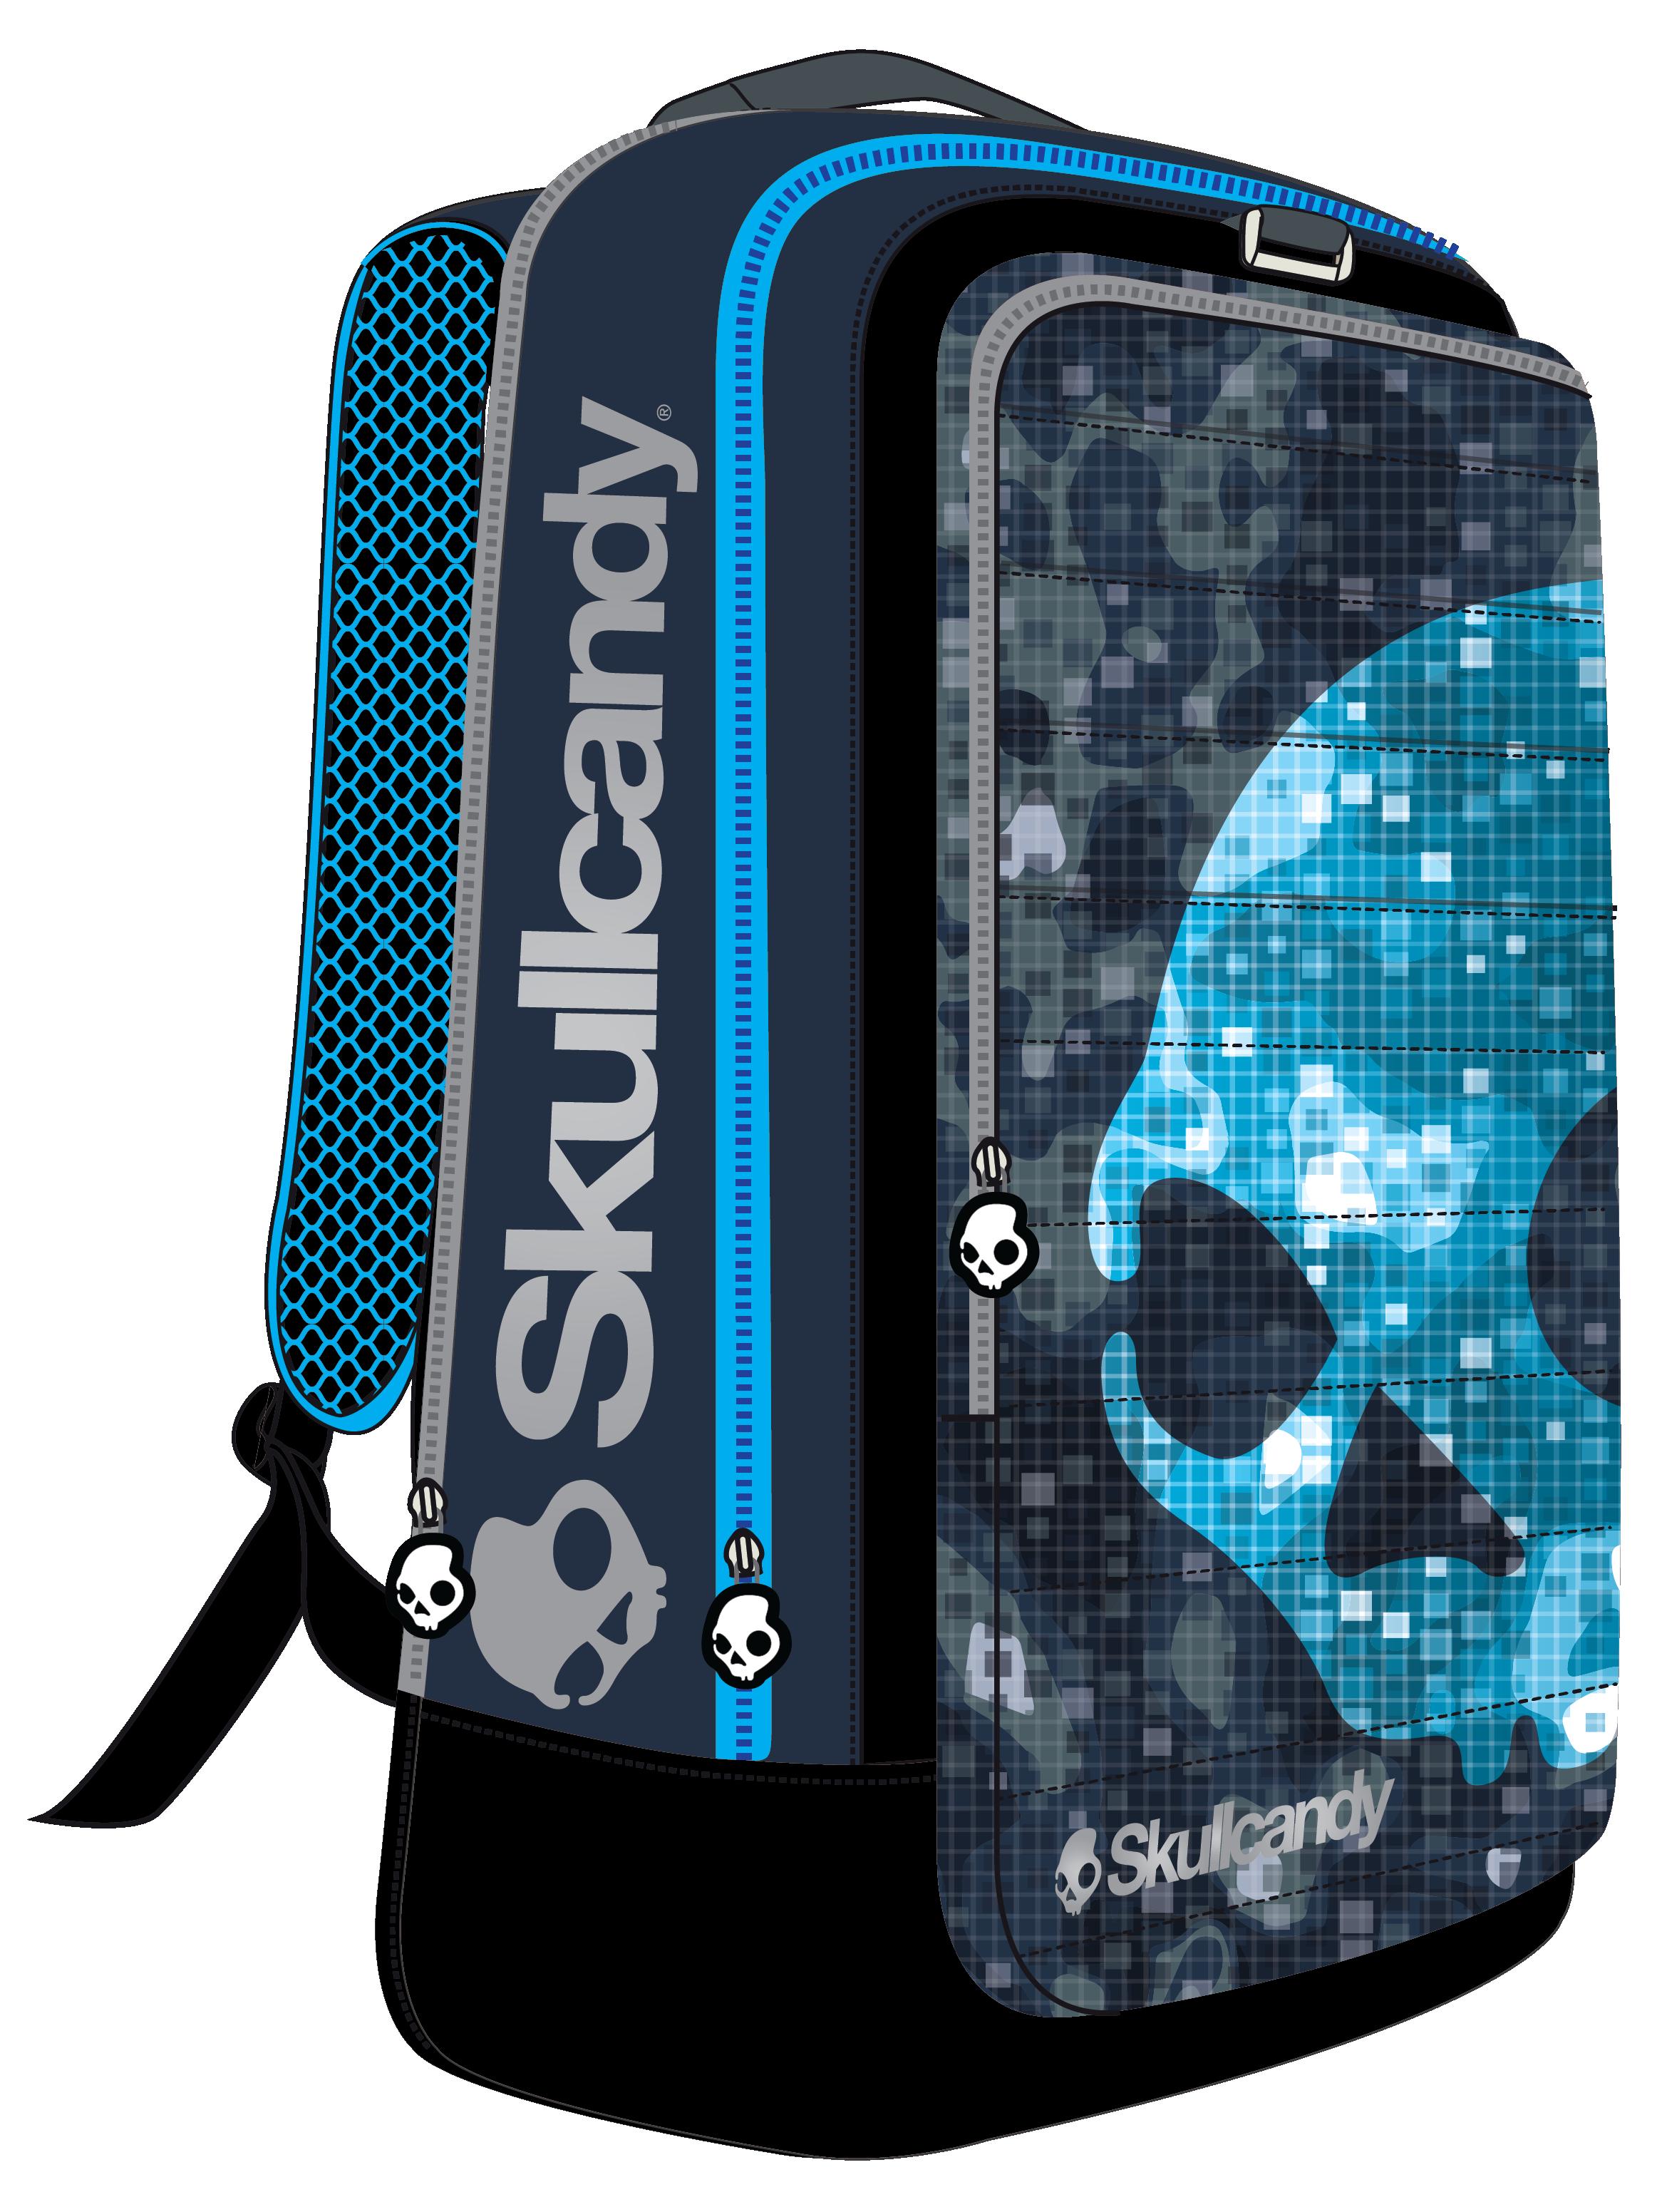 Skullcandy Square Backpack - Pixel